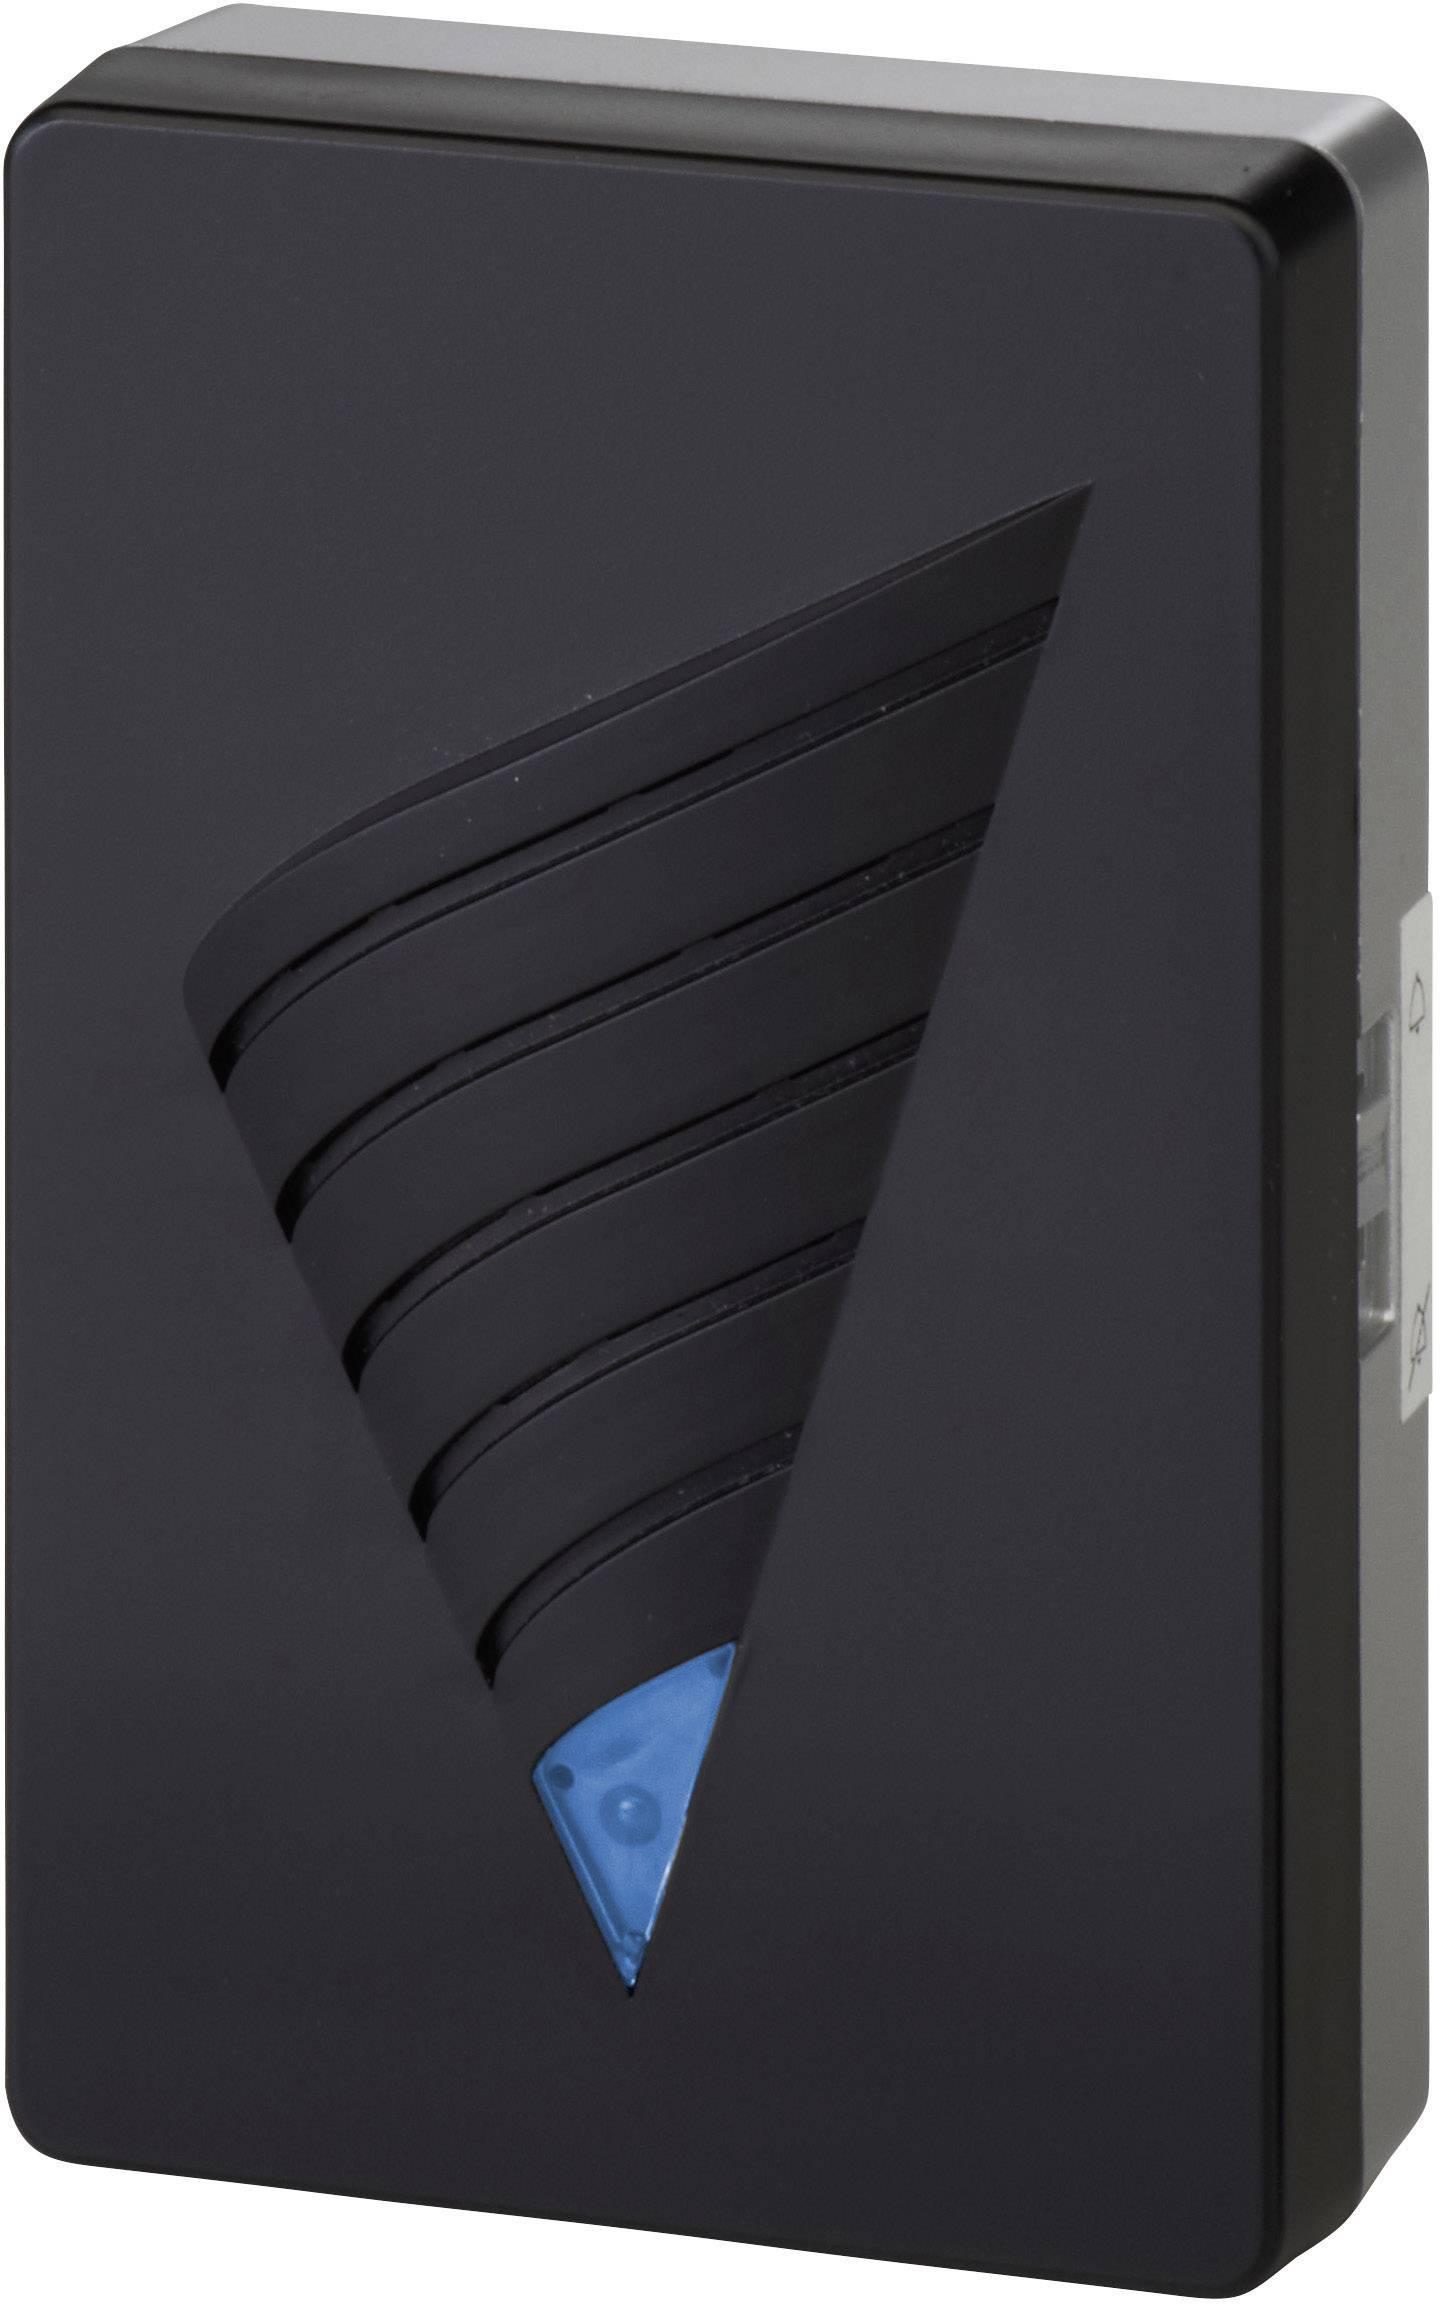 Bezdrôtový zvonček Heidemann HX Ice 70870, prijímač, max. dosah 150 m, čierna